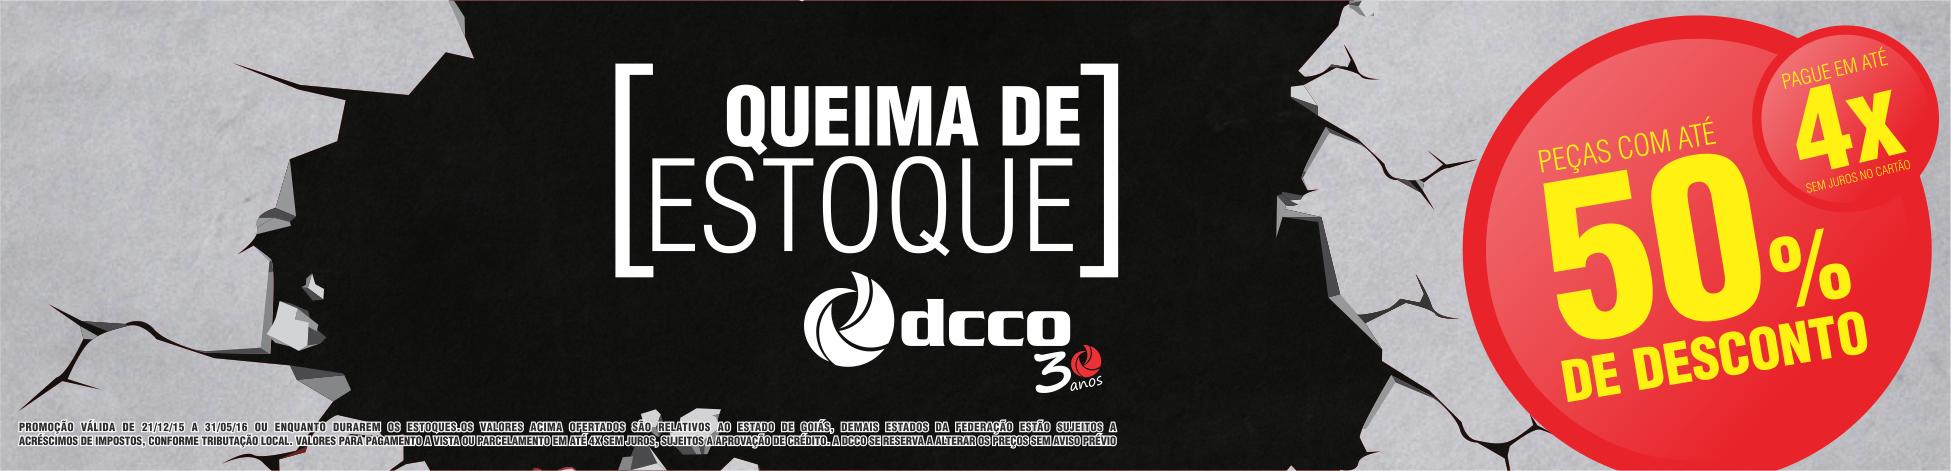 SUPER QUEIMA DE ESTOQUE DCCO 30 ANOS